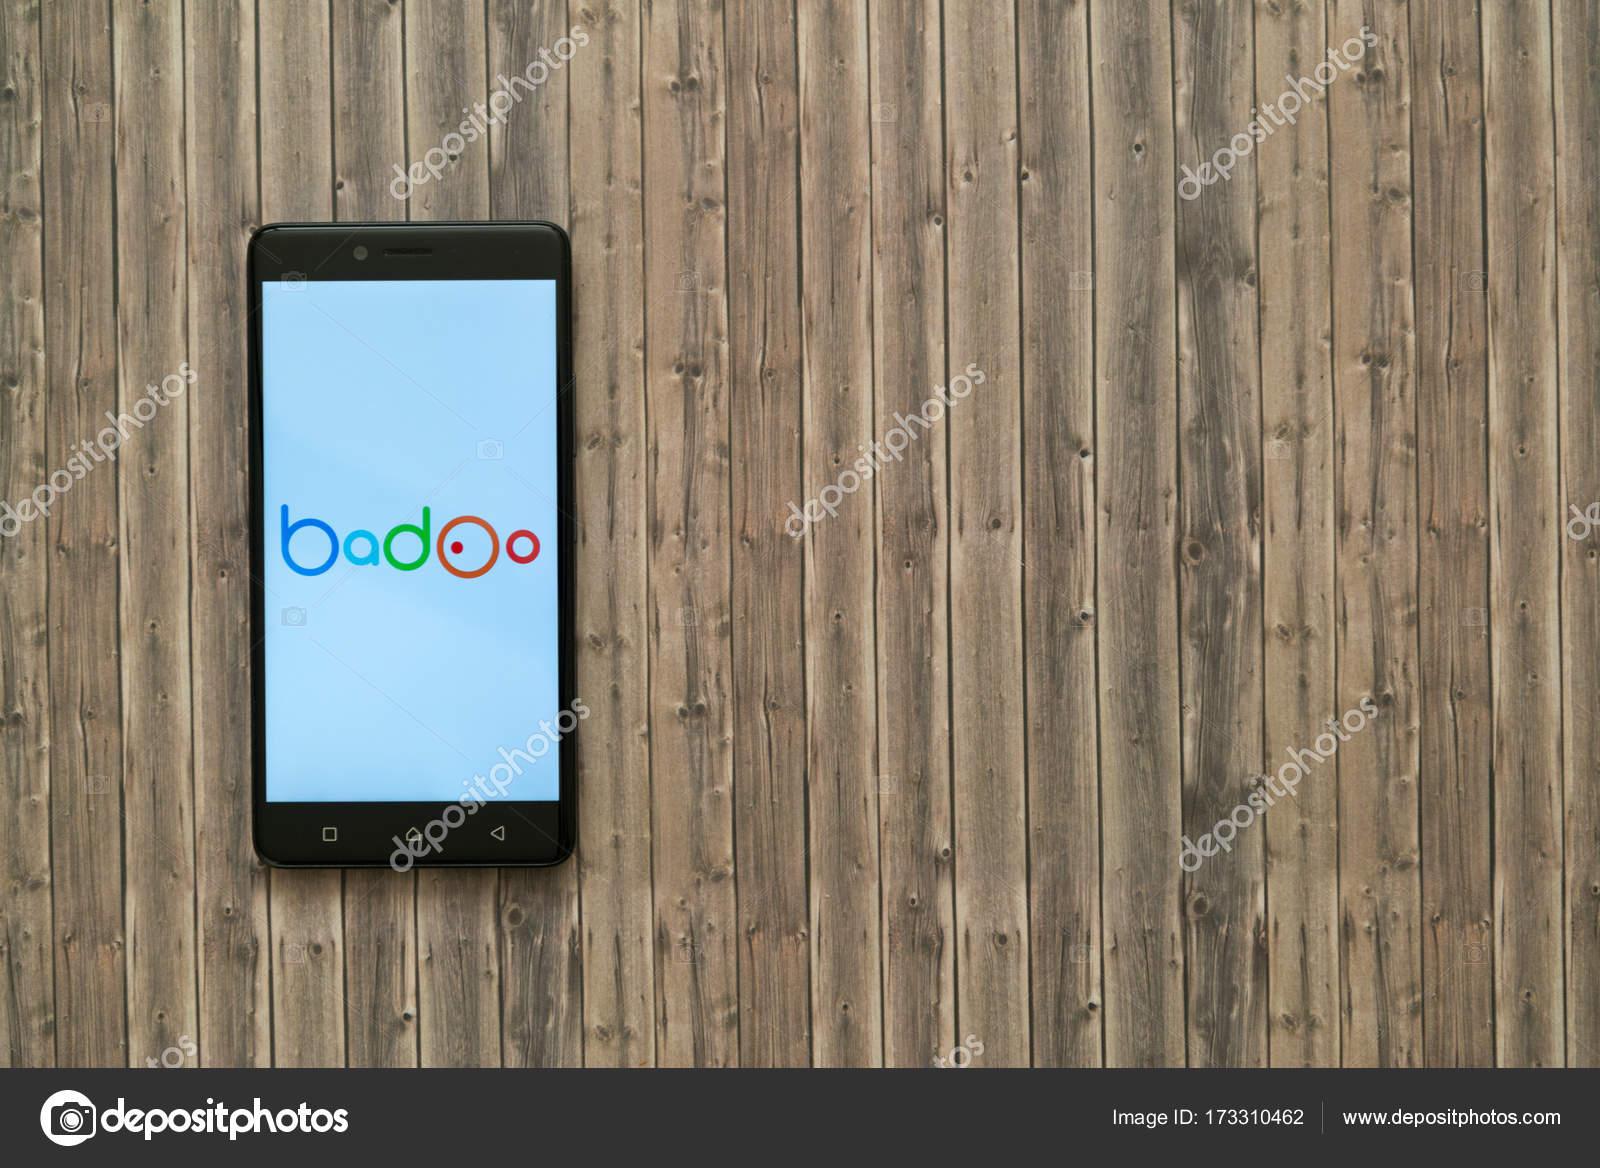 Jest badoo stroną do podłączenia